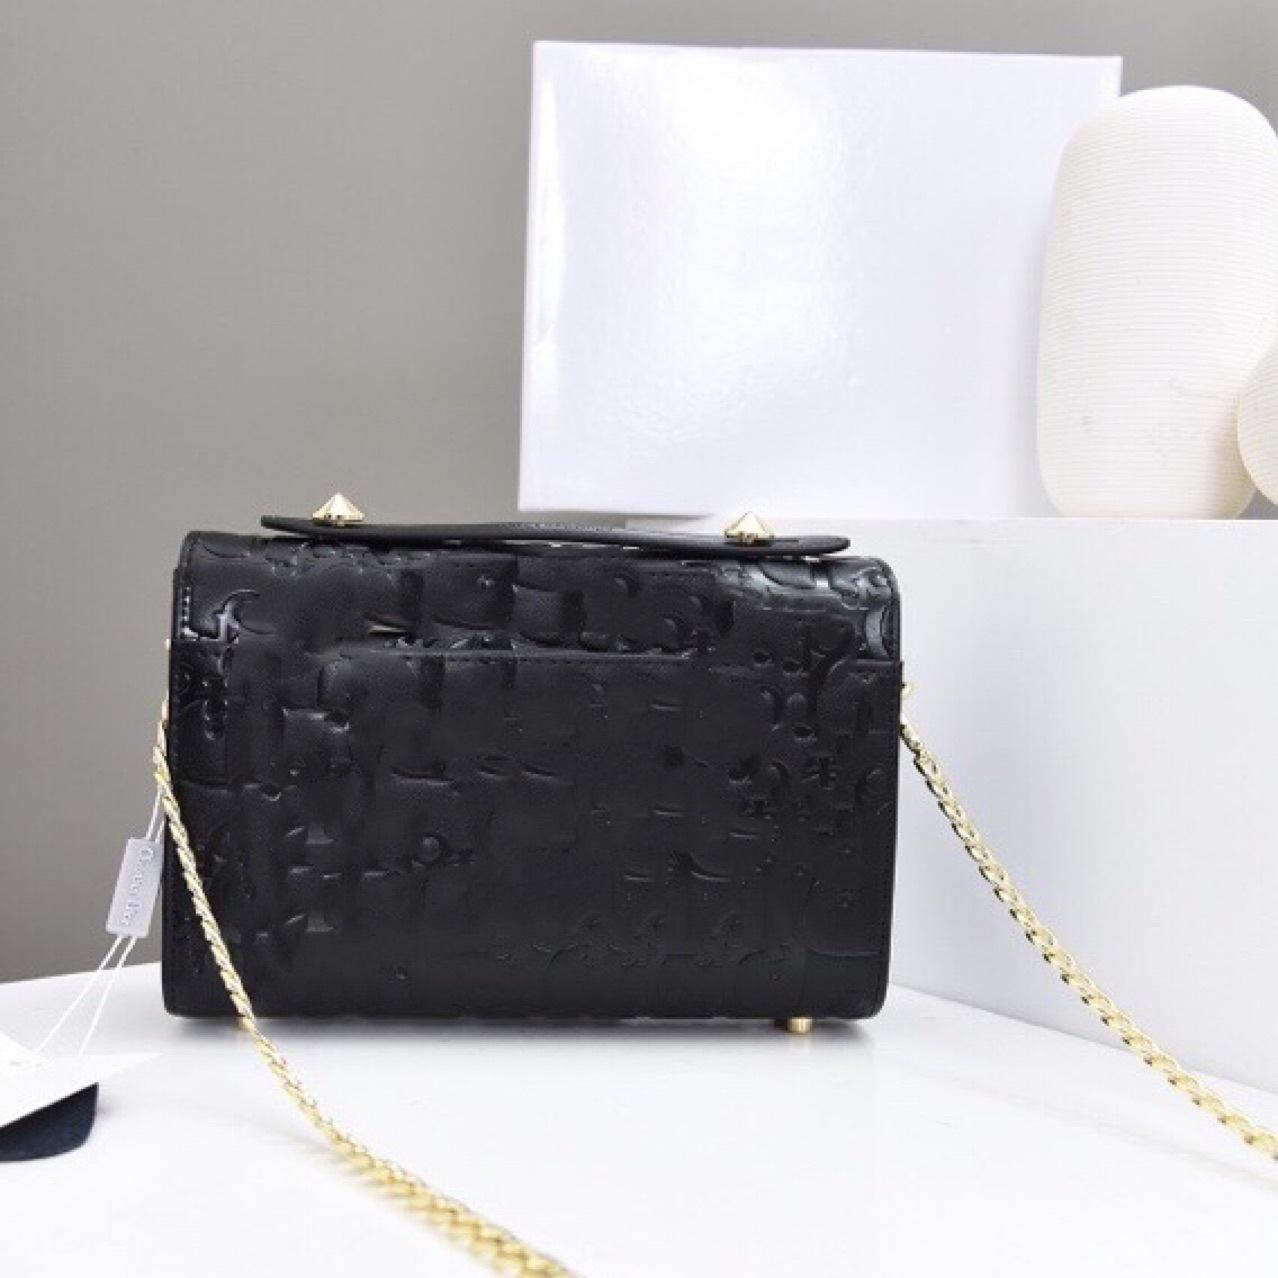 20新D奥新款韩版压字母斜挎包女式包包小方包 链条包 时尚背包